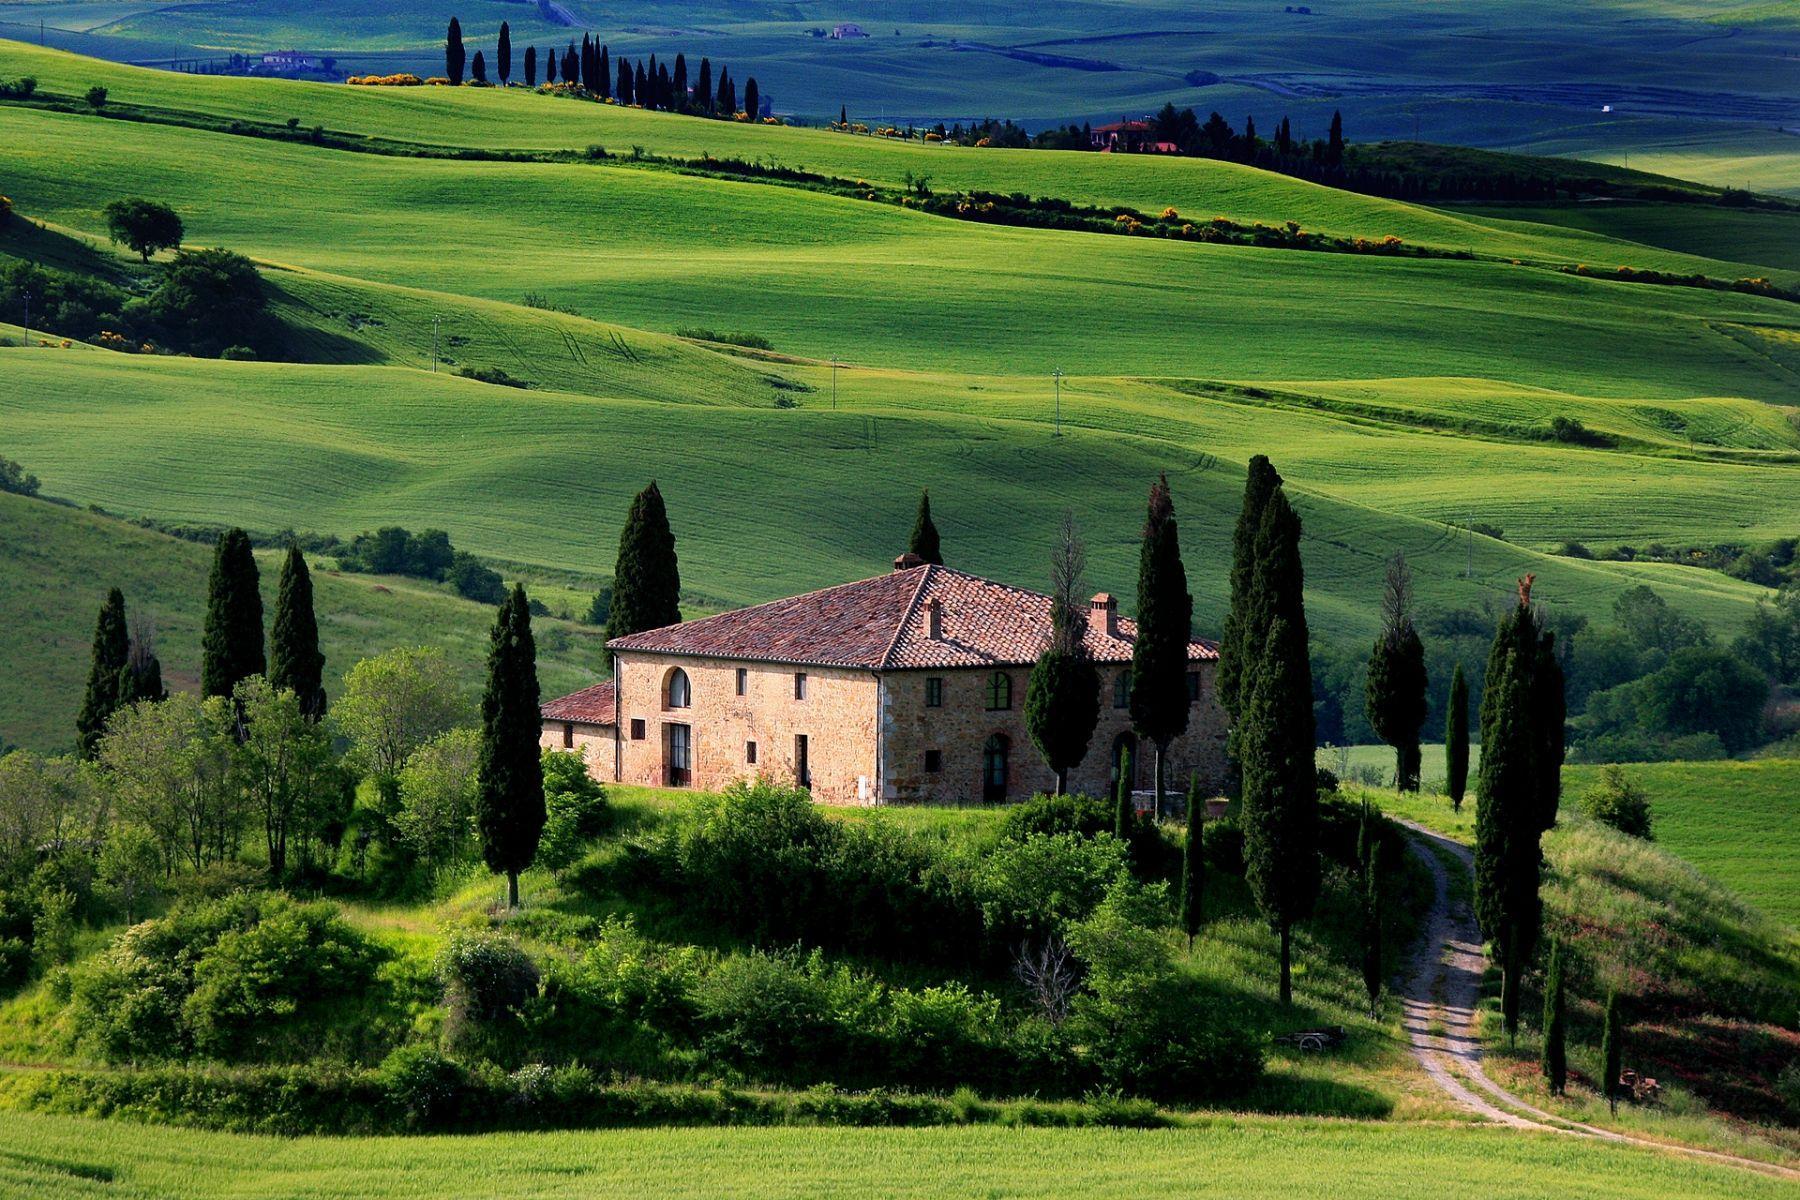 Multivisionsshow | Toscana |  KARTEN VOM 17.03.2020 BEHALTEN IHRE GÜLTIGKEIT